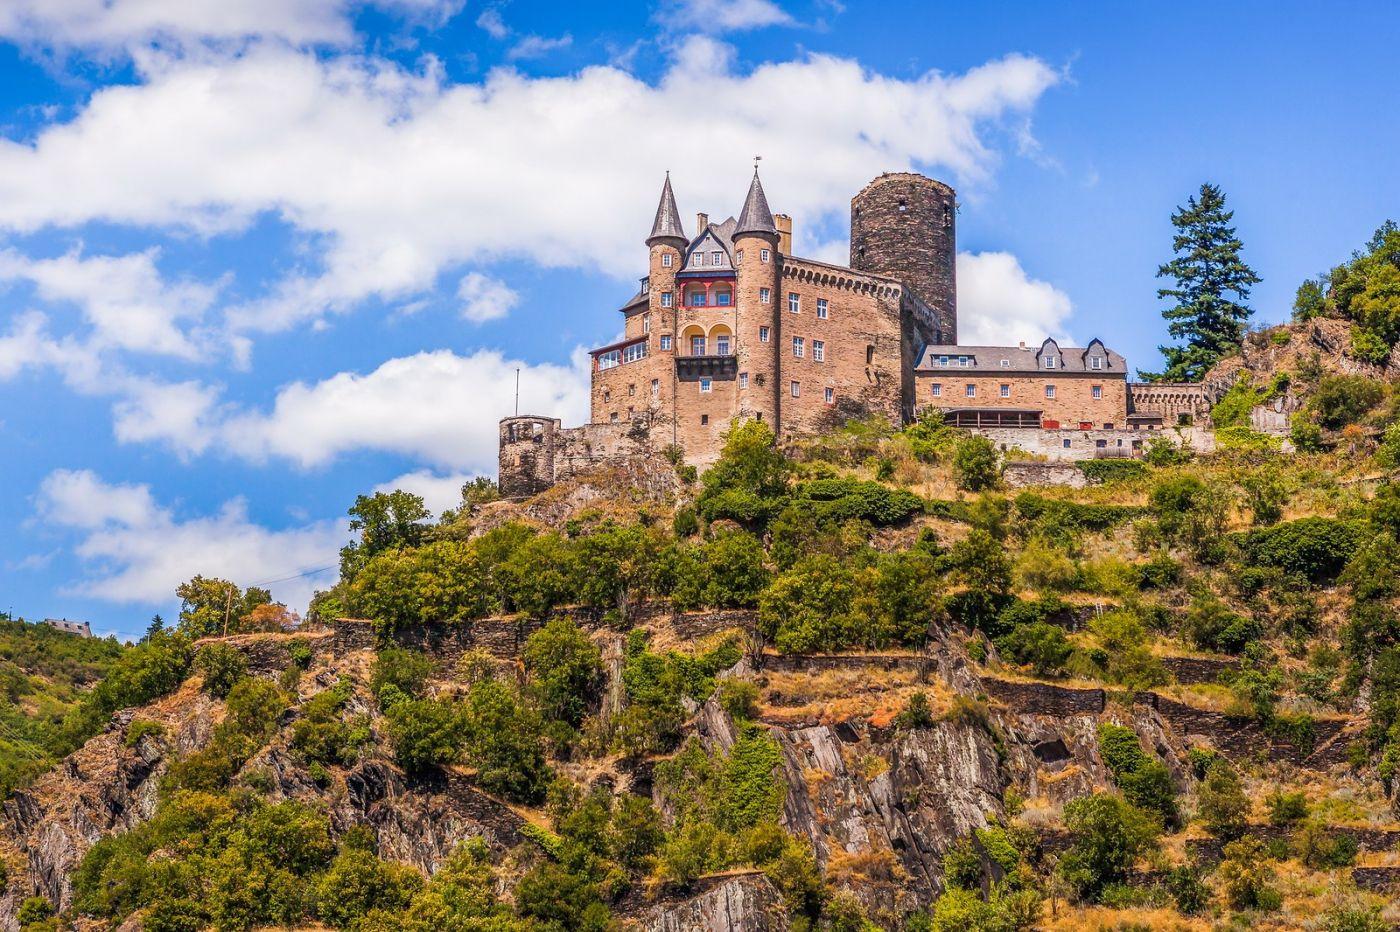 畅游莱茵河,山腰间的城堡_图1-18